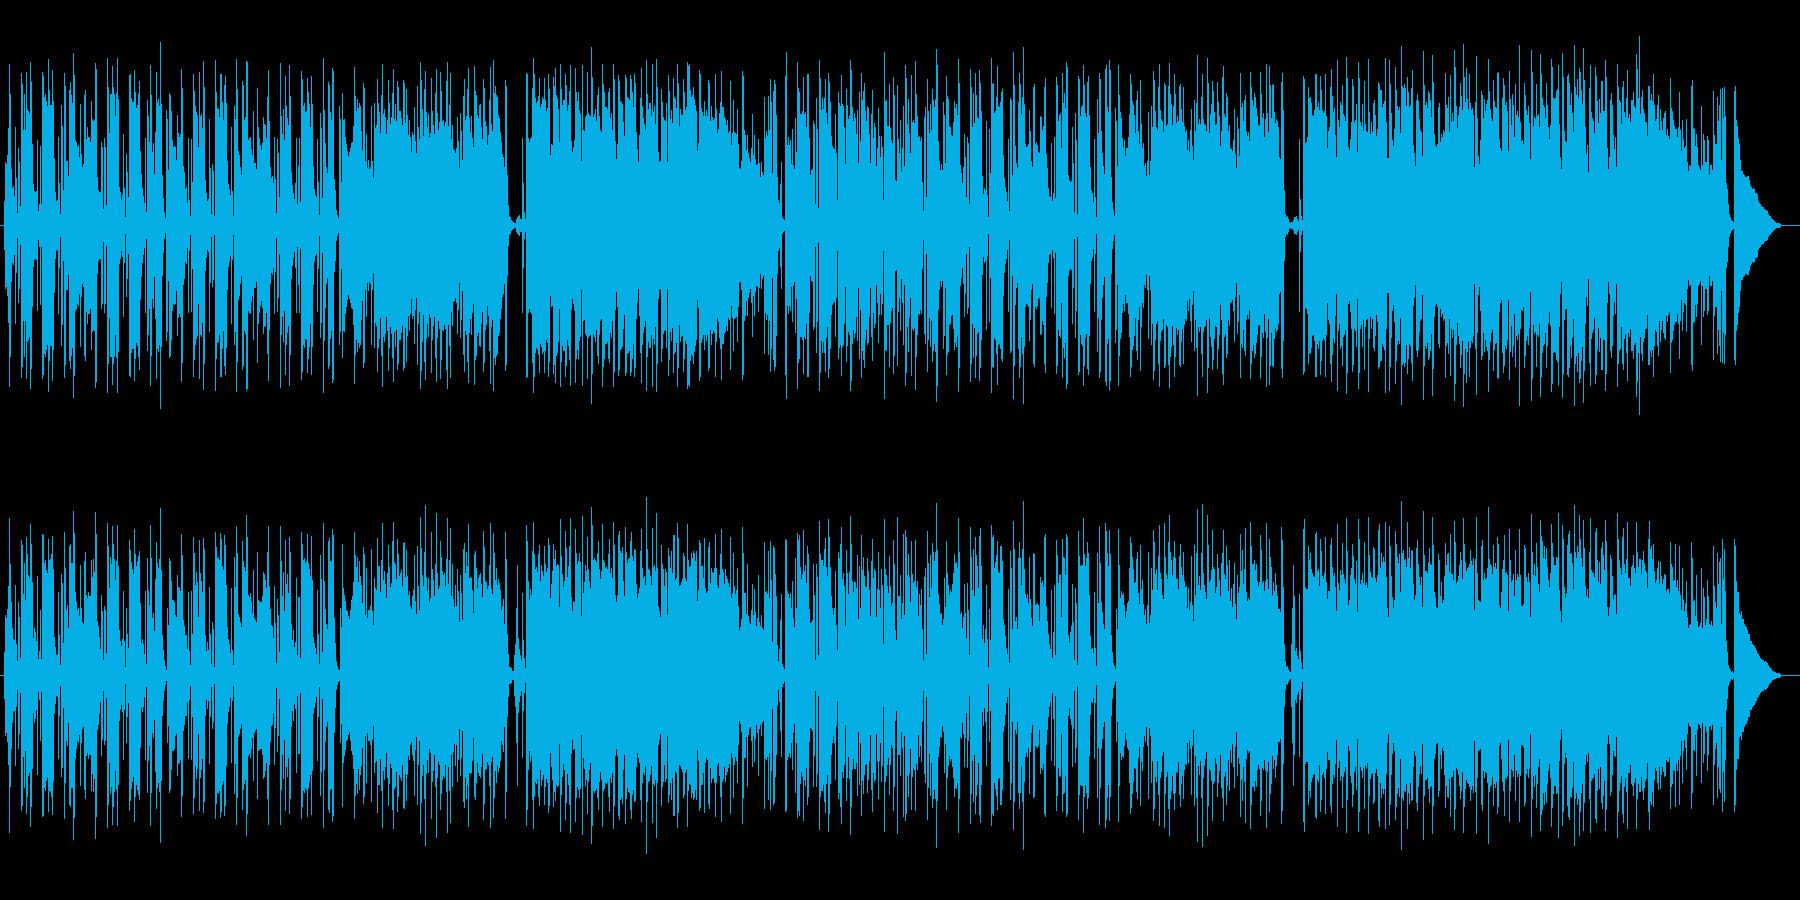 ゆったり昼下がりのリラックスミュージックの再生済みの波形